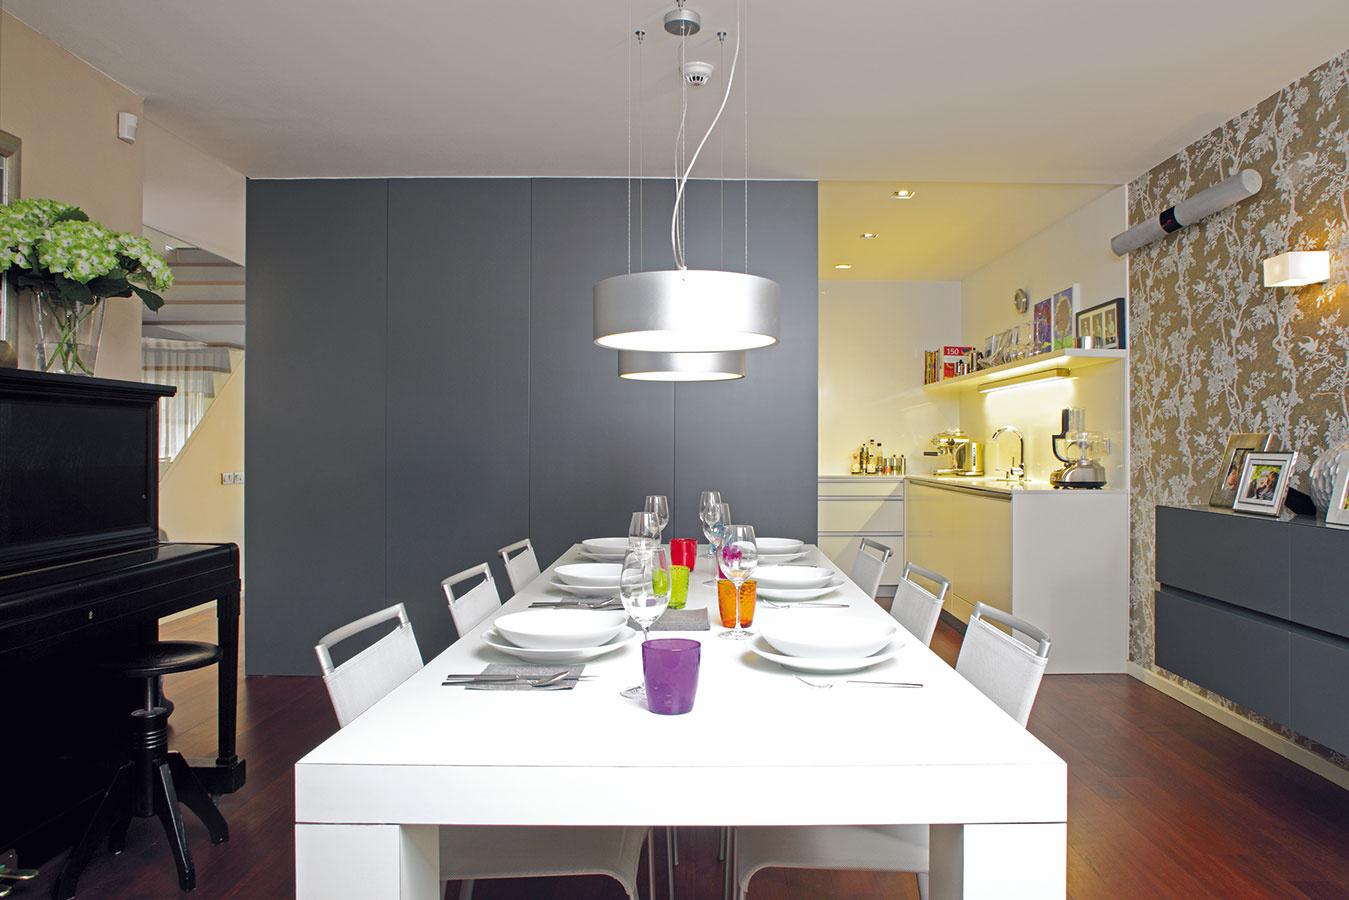 Veľký stôl vjedálni využíva rodina najmä pri slávnostných príležitostiach, posedeniach snávštevami avečerách spríbuznými či priateľmi. Na komornejšie stolovanie si obľúbili zvýšené sedenie, ktoré nadväzuje na kuchynskú linku na opačnej strane kuchyne.